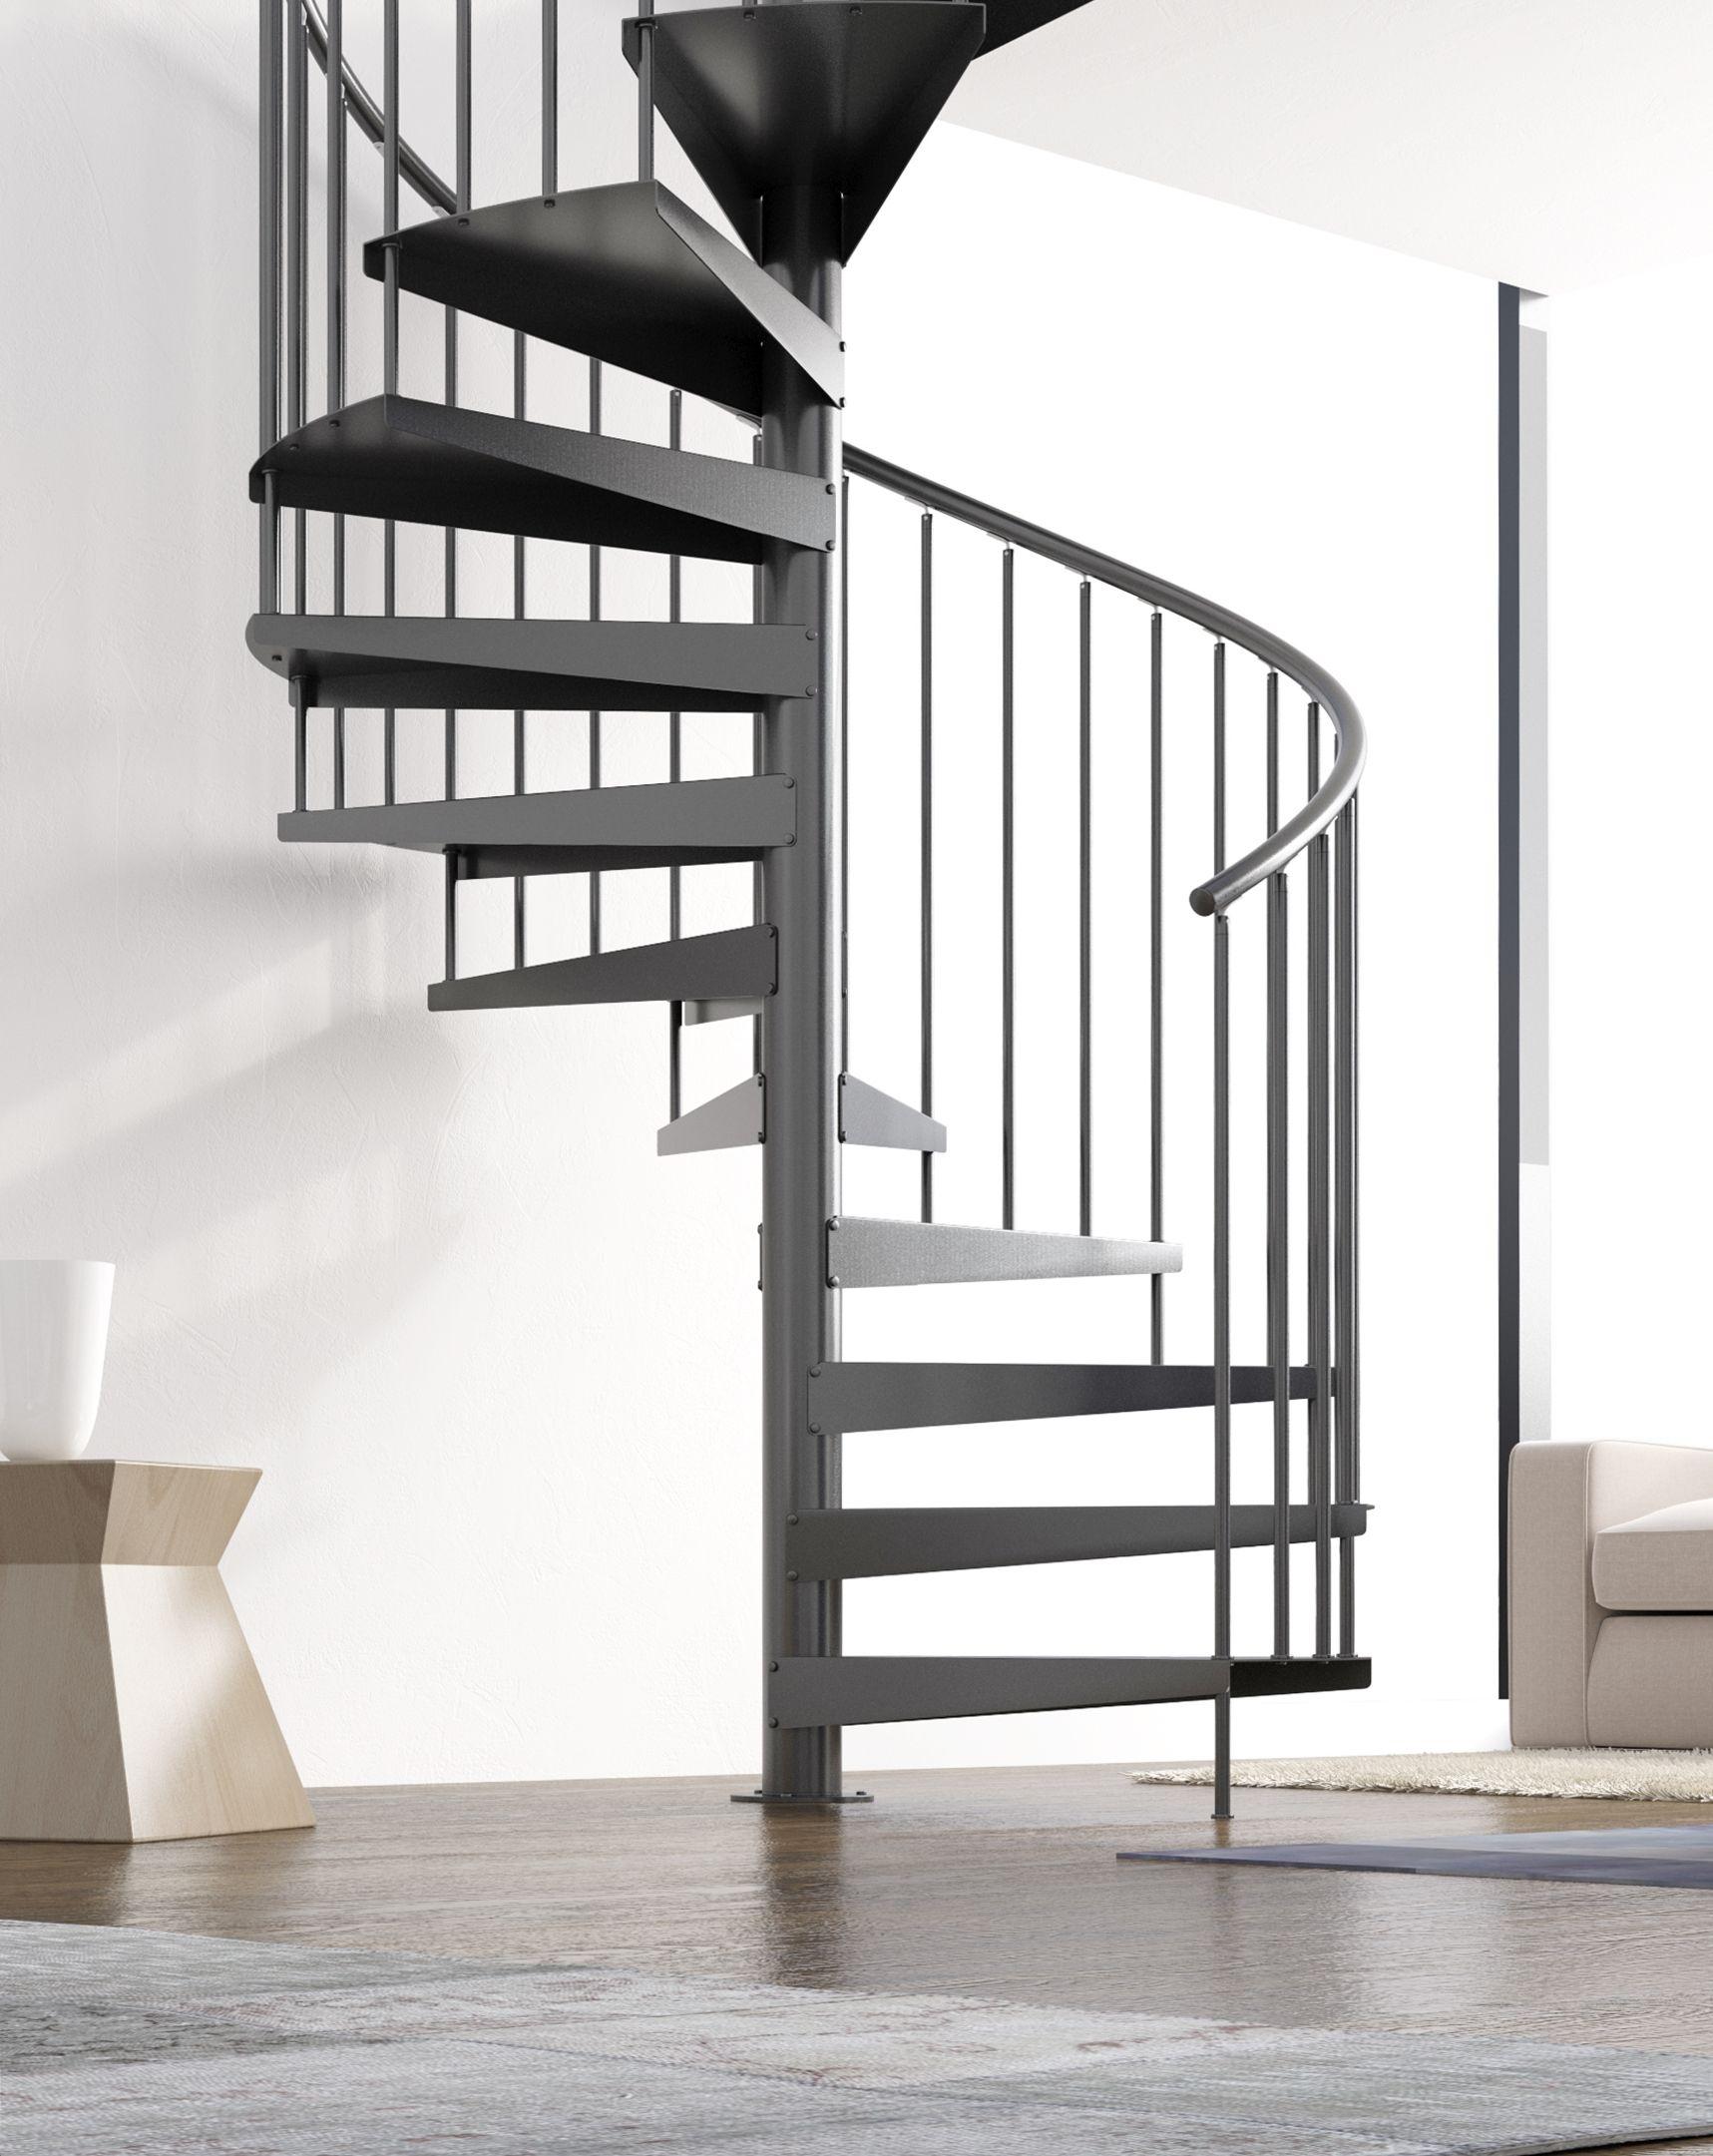 Escalera de caracol Tecno | Escalera de caracol, Tecno y Escalera